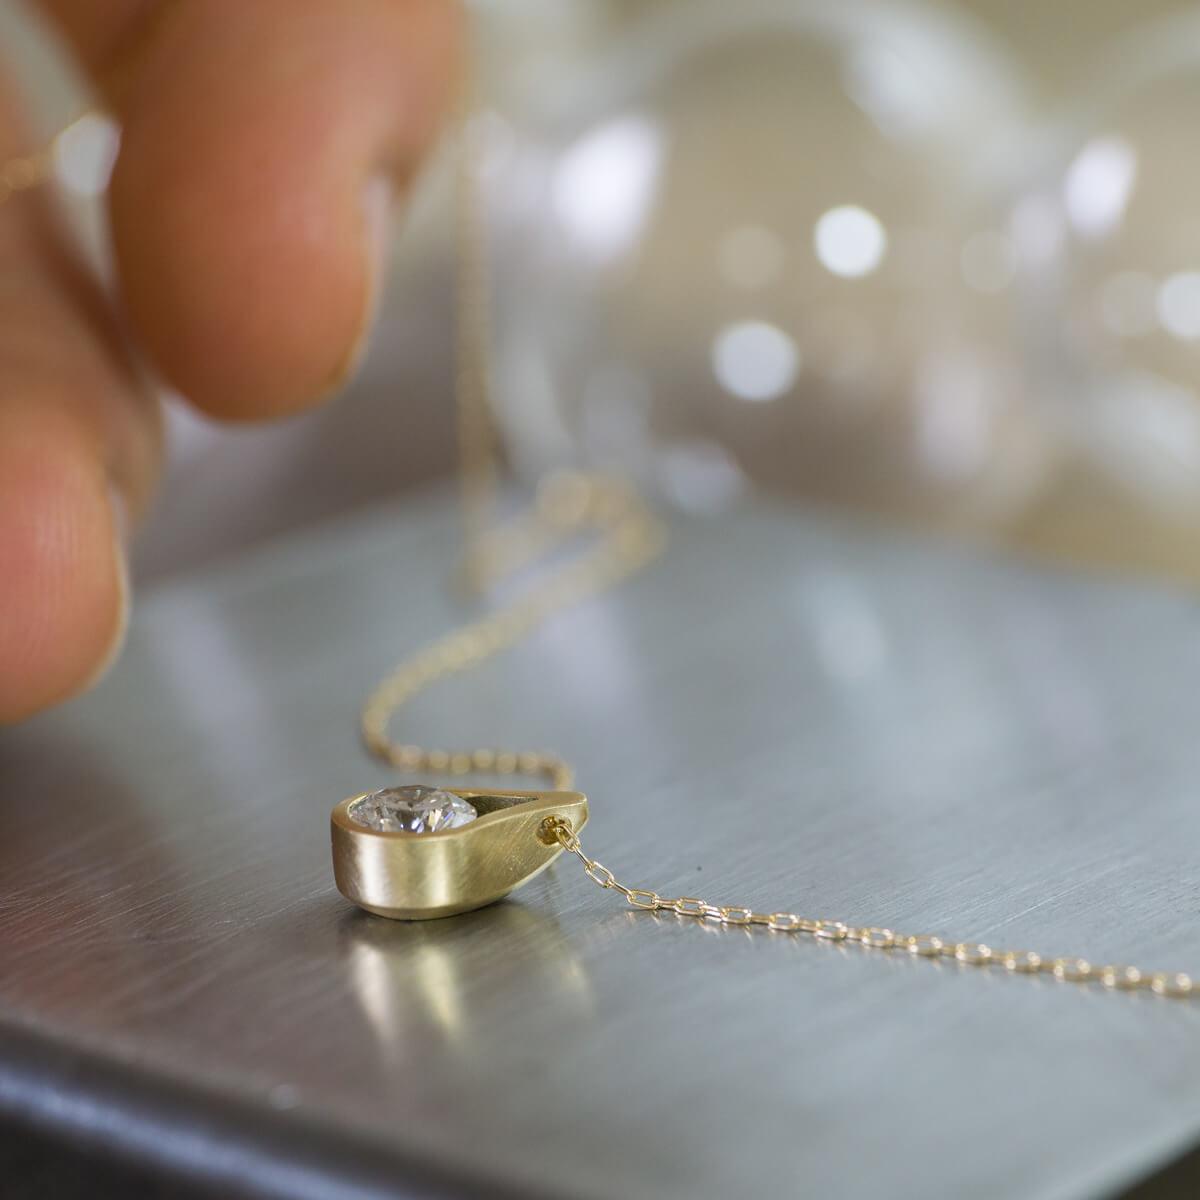 しずく型のネックレス 屋久島の雨モチーフ ジェリーのアトリエ ゴールド、ダイヤモンド オーダーメイドのリメイクジュエリー 屋久島でつくる結婚指輪